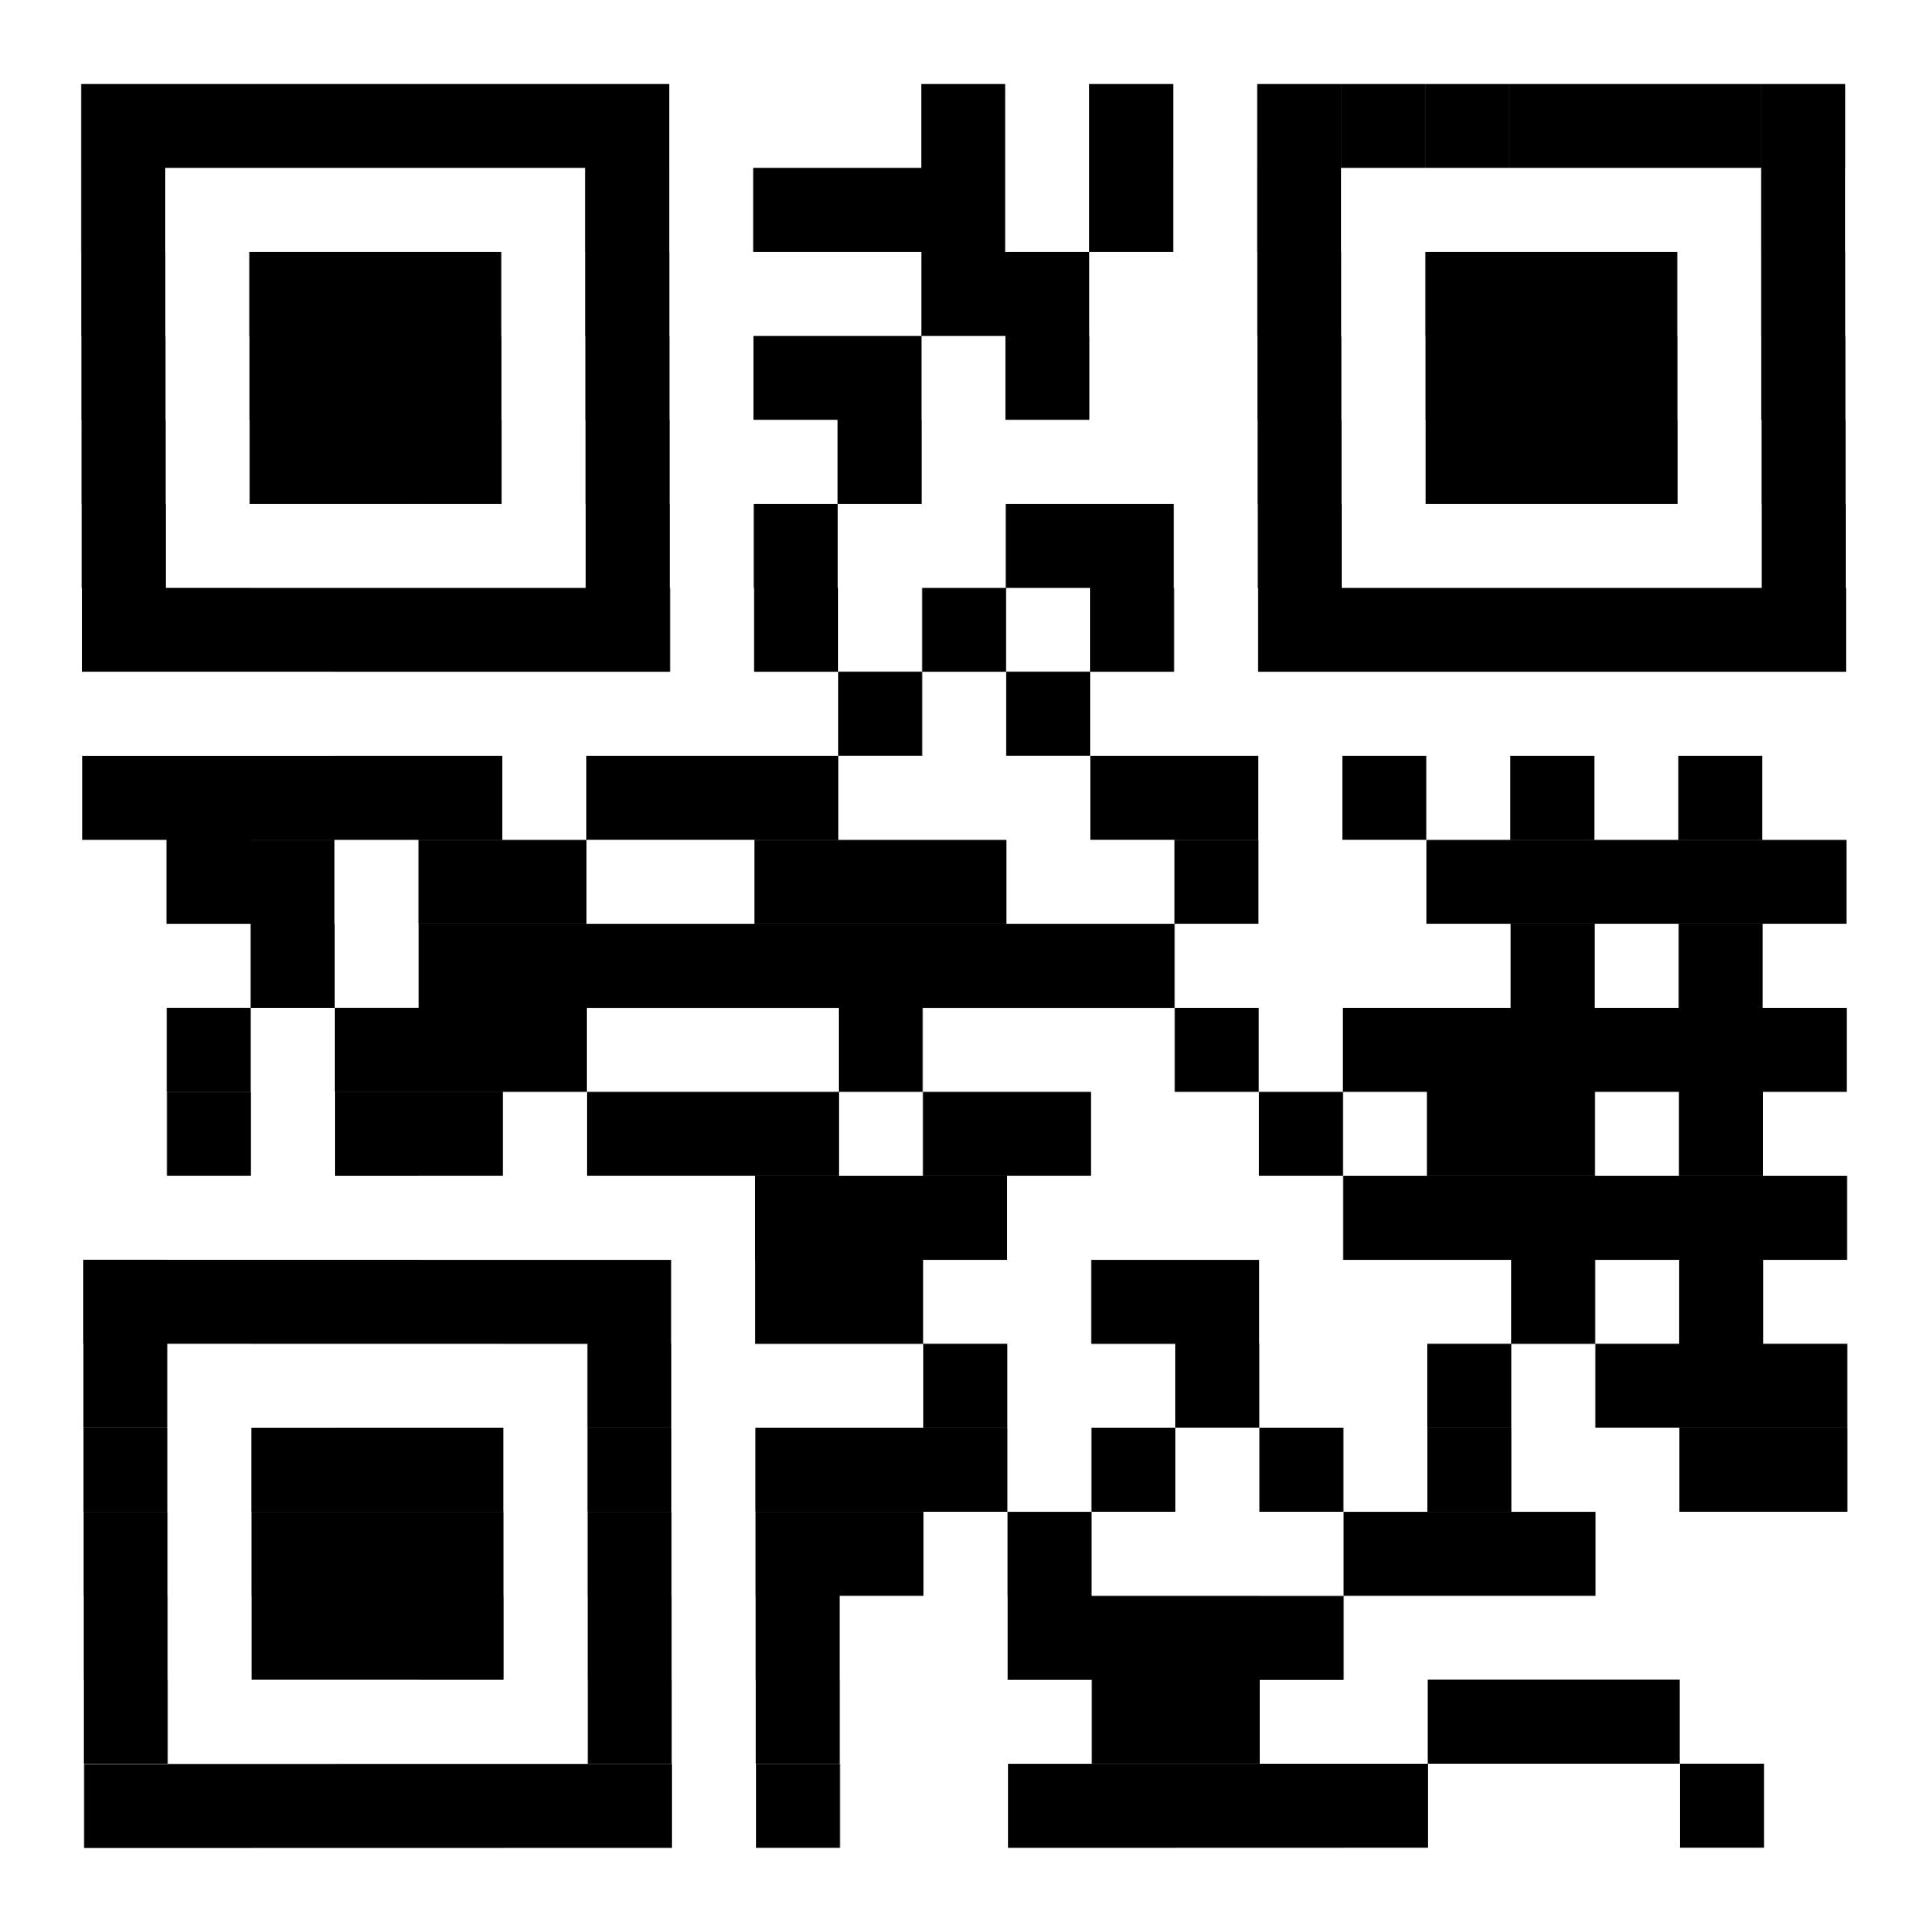 Code clipart The code contactr QR Qr